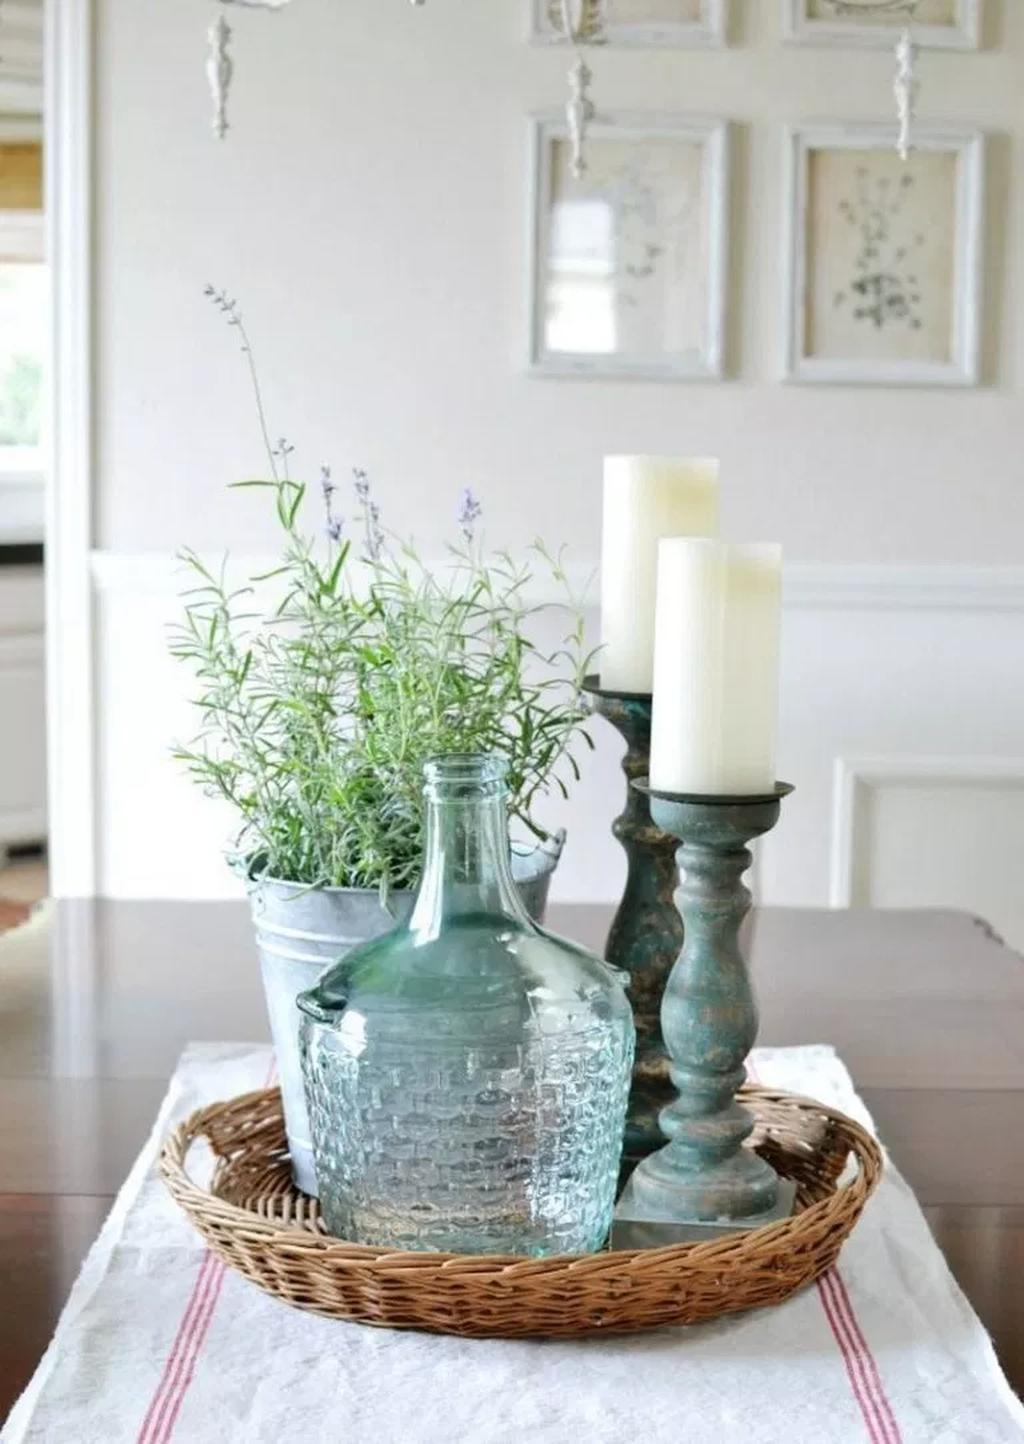 Splendid Farmhouse Living Room Decor Ideas 32